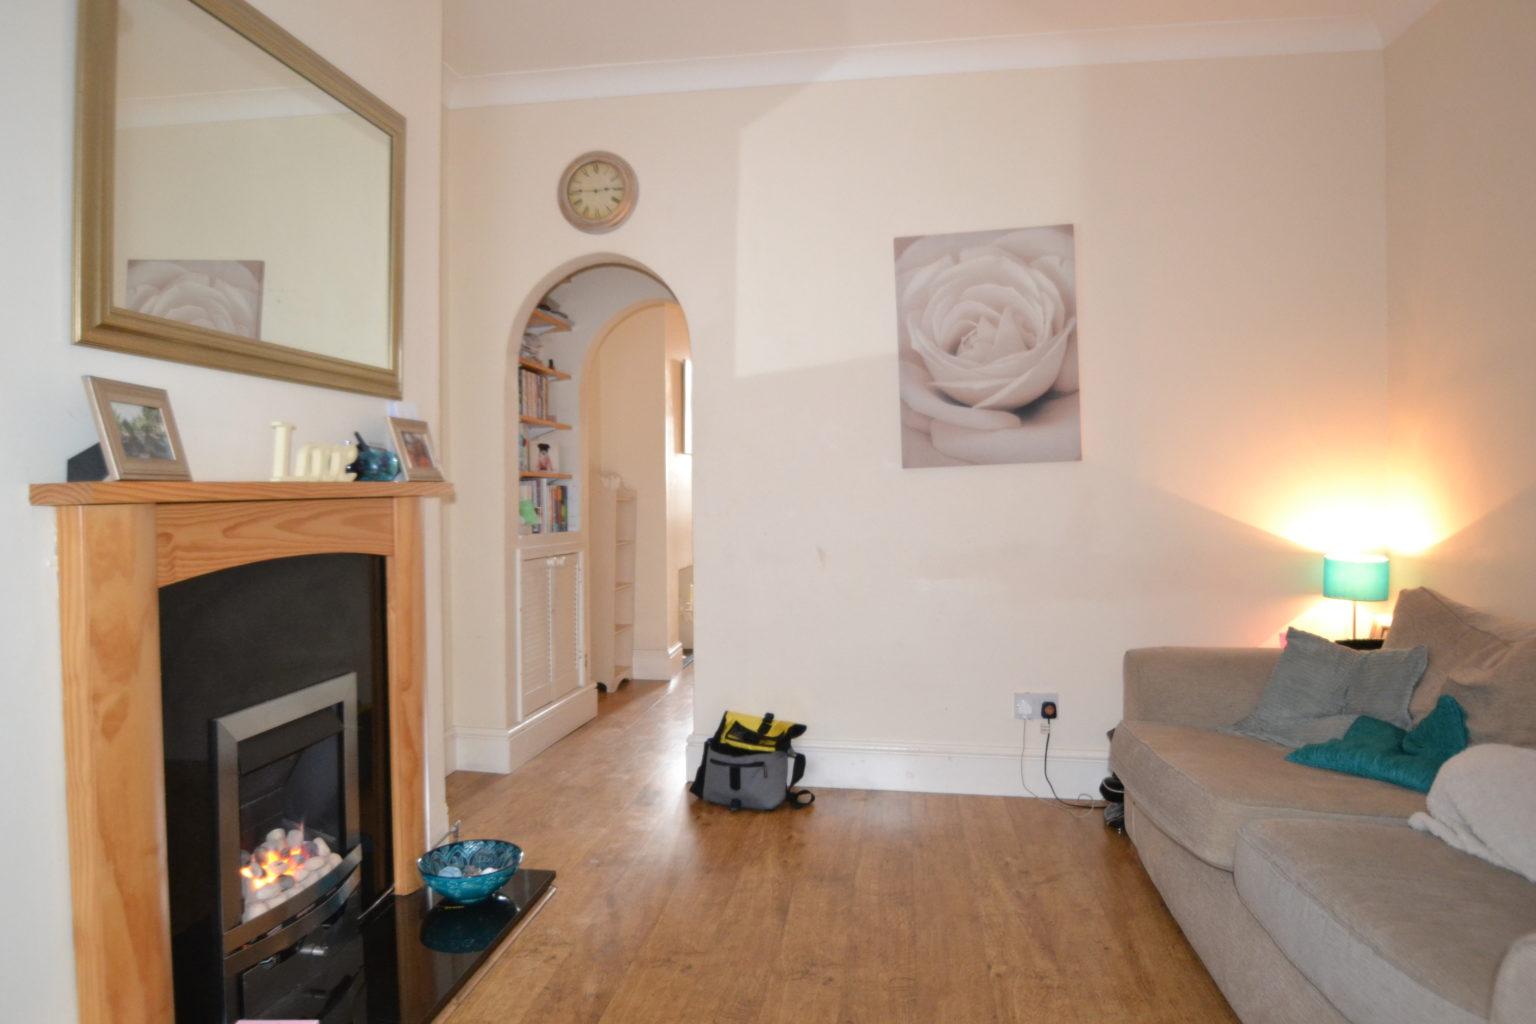 Rental property by Kings & Co Lettings, Norwich